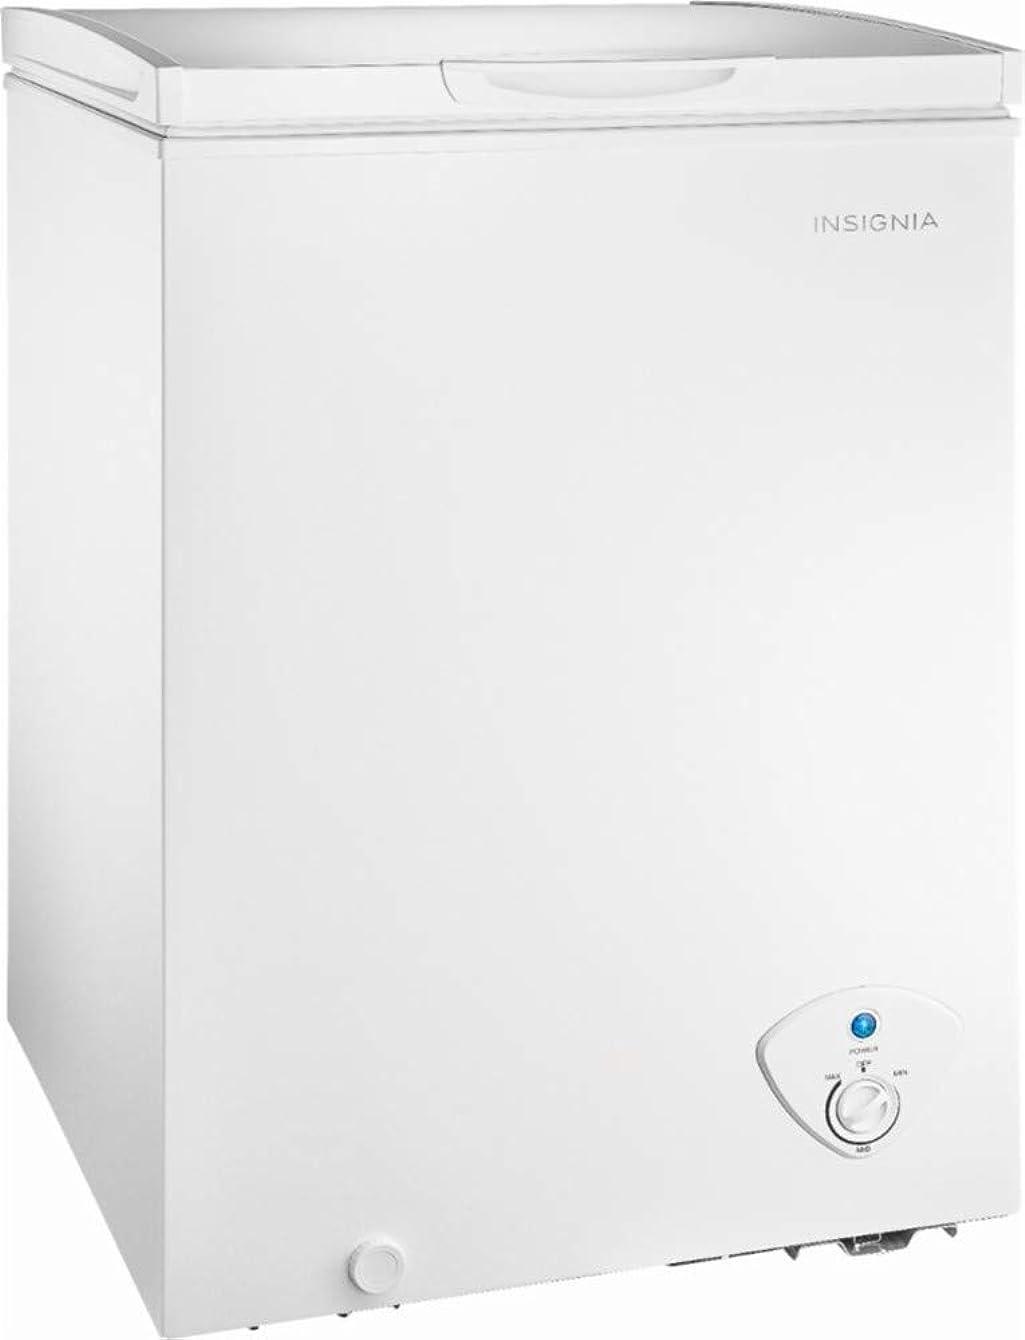 Insignia 3.5 Cu. Ft. Chest Freezer